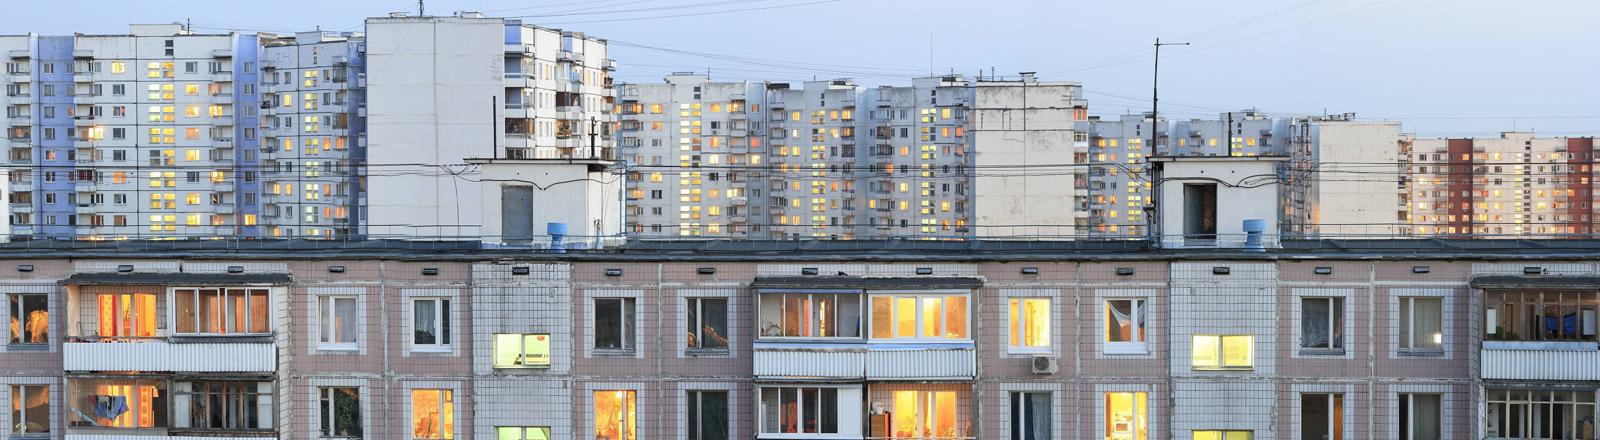 Plattenbau in Moskau.